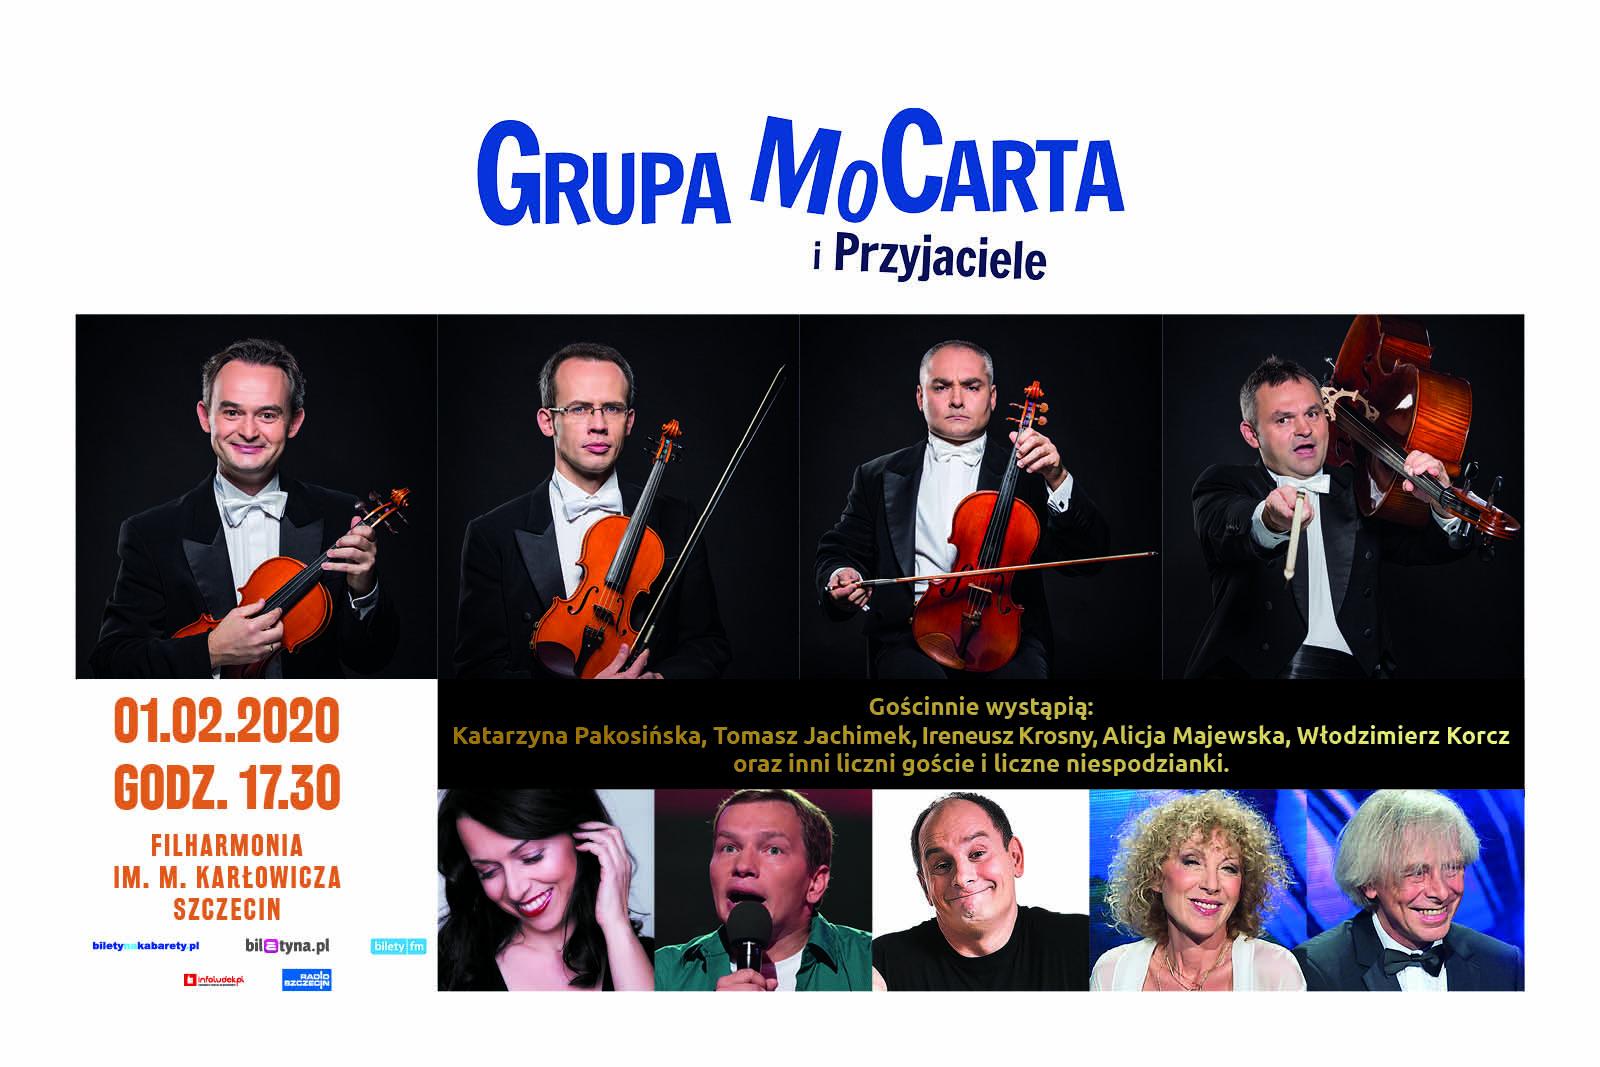 Grupa MoCarta iPrzyjaciele Szczecin luty 2020